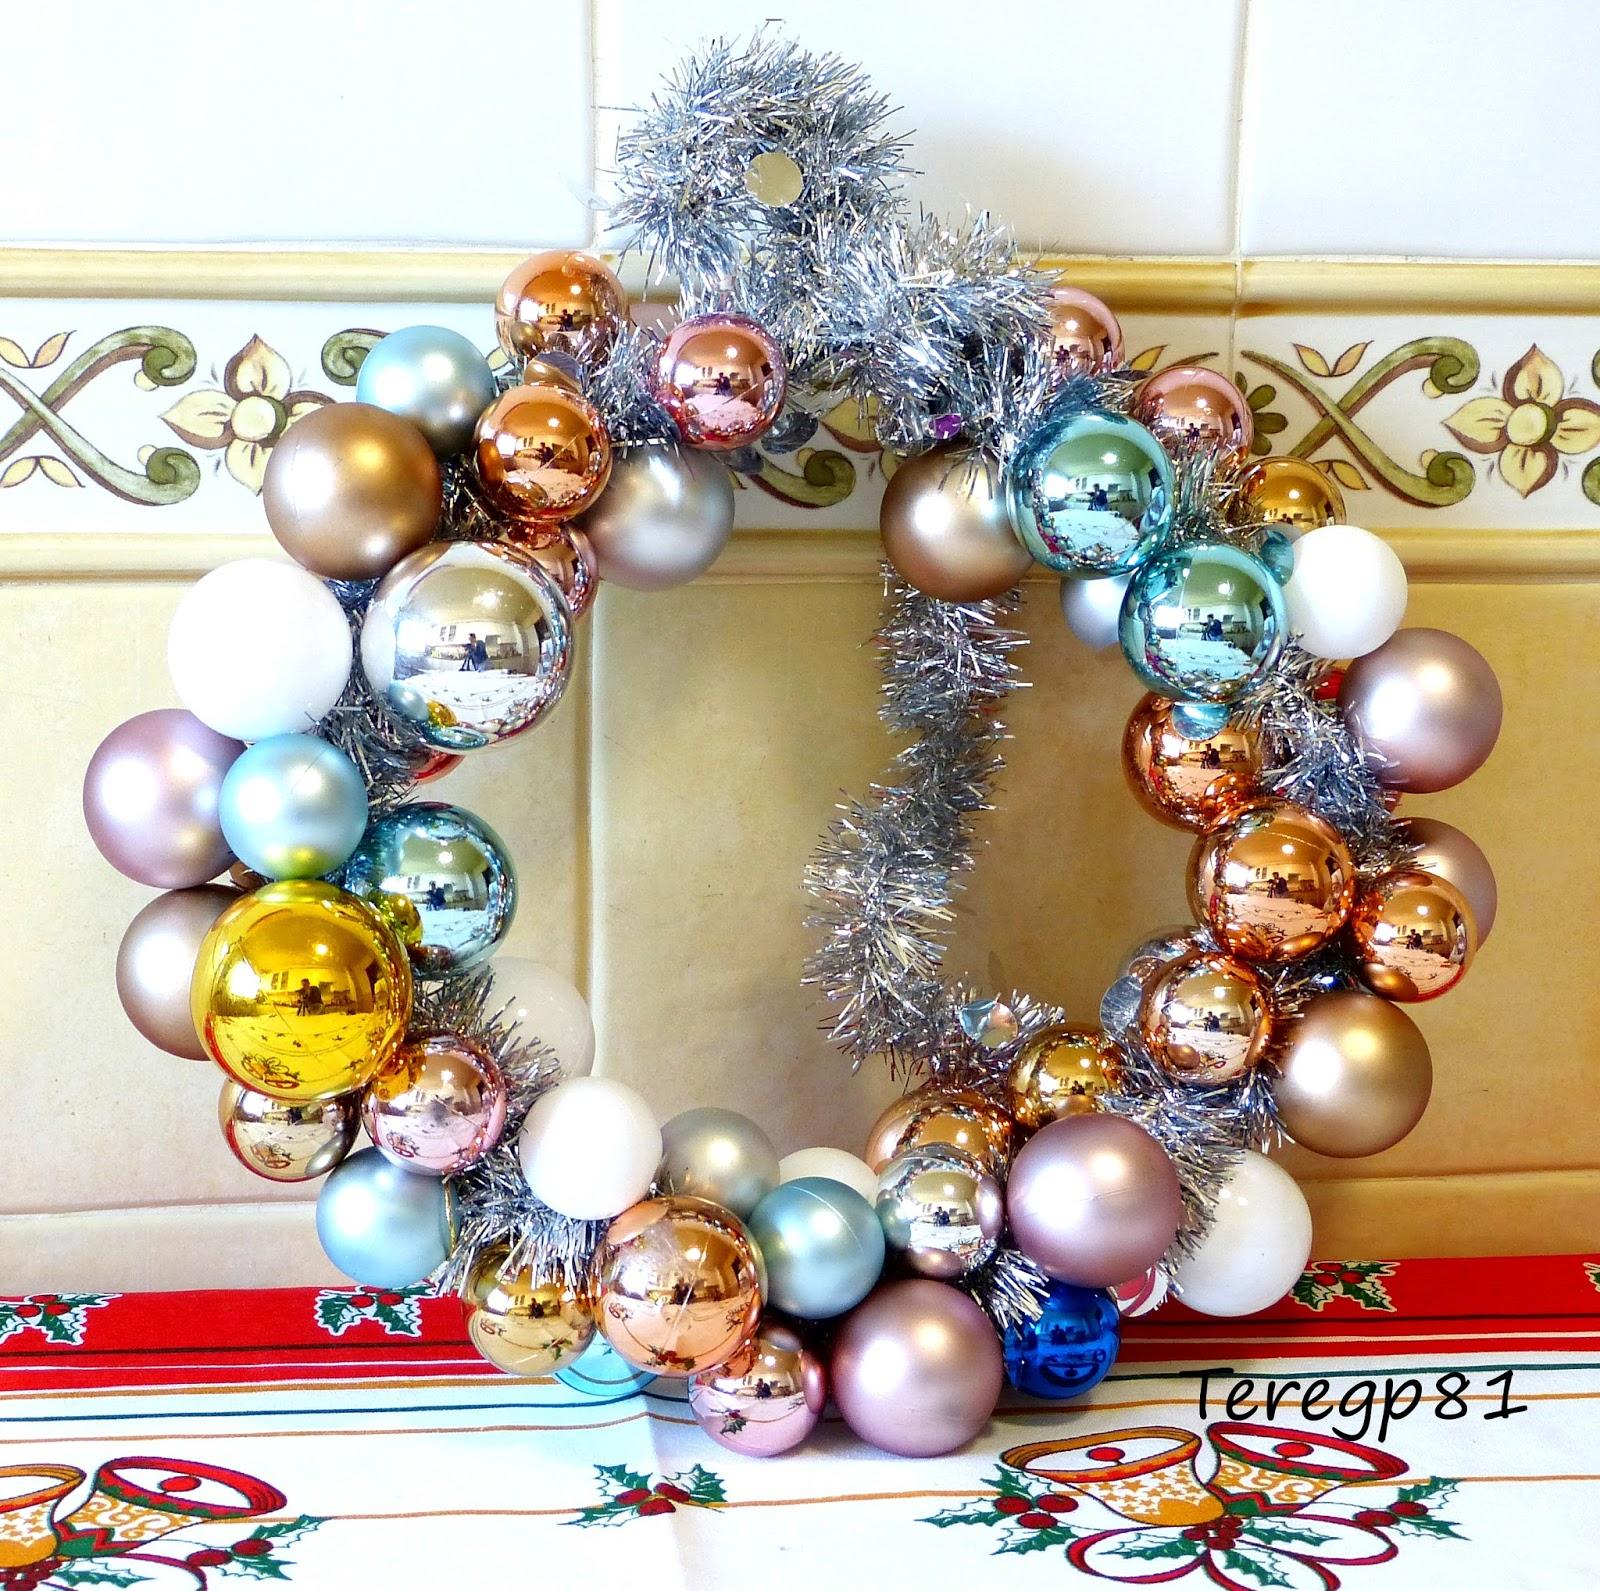 Teregp81 diy decoraci n cena fin de a o 2 - Decoracion fin de ano ...